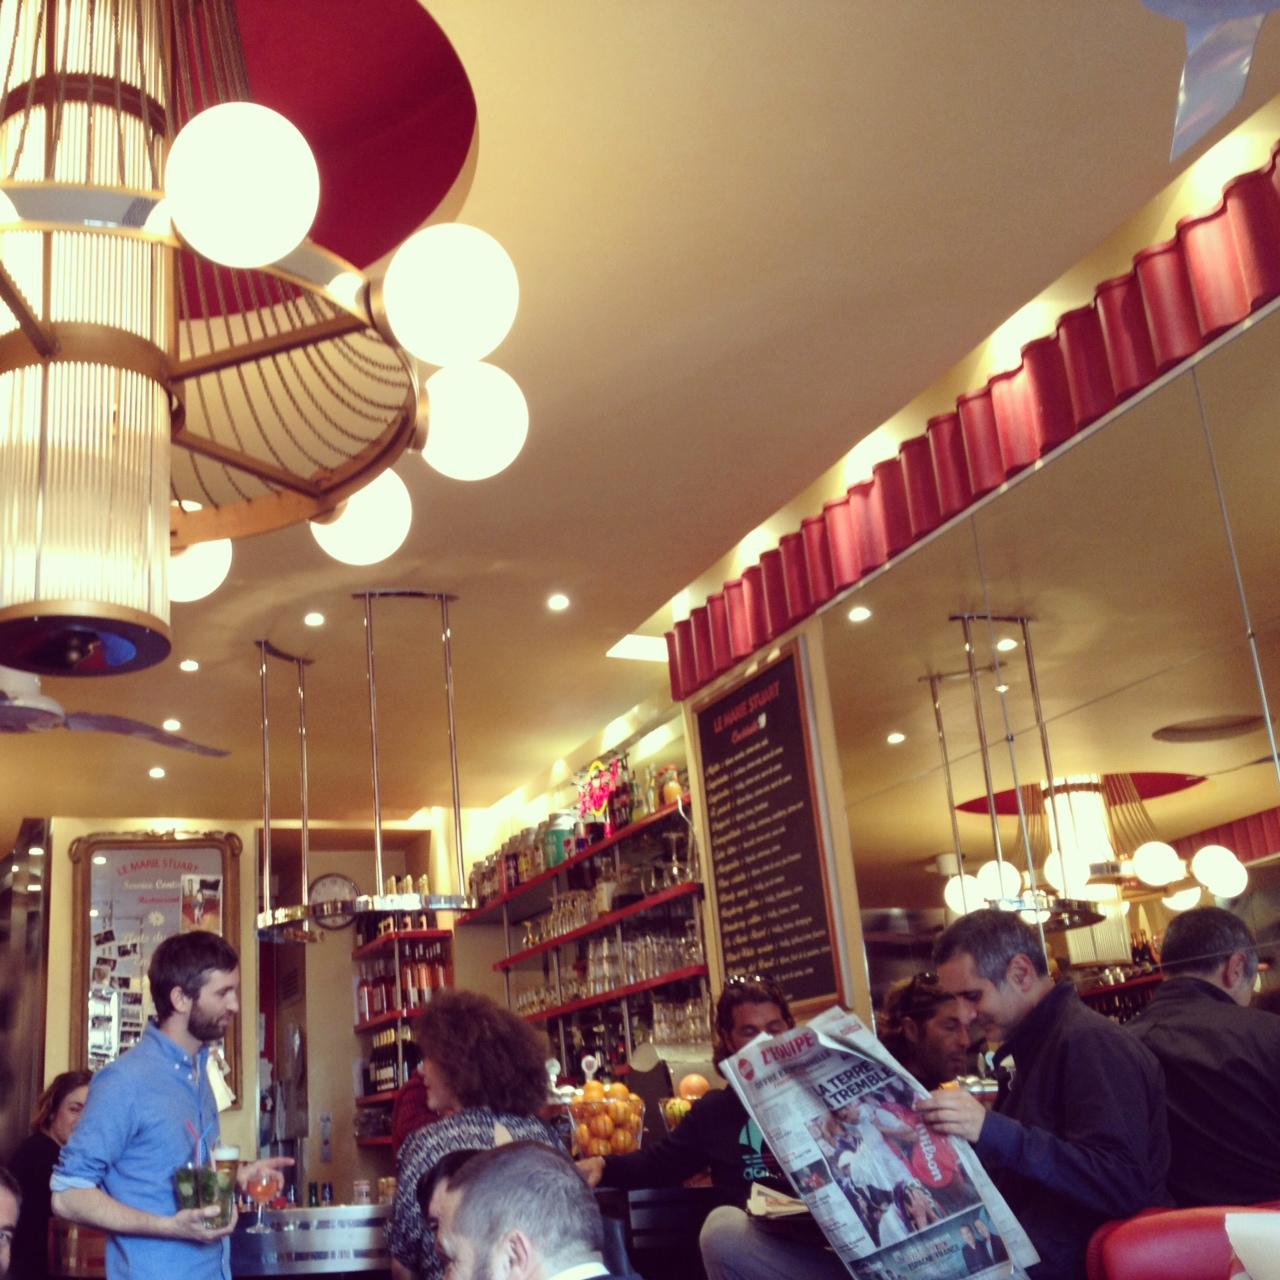 cafe marie stuart paris photo